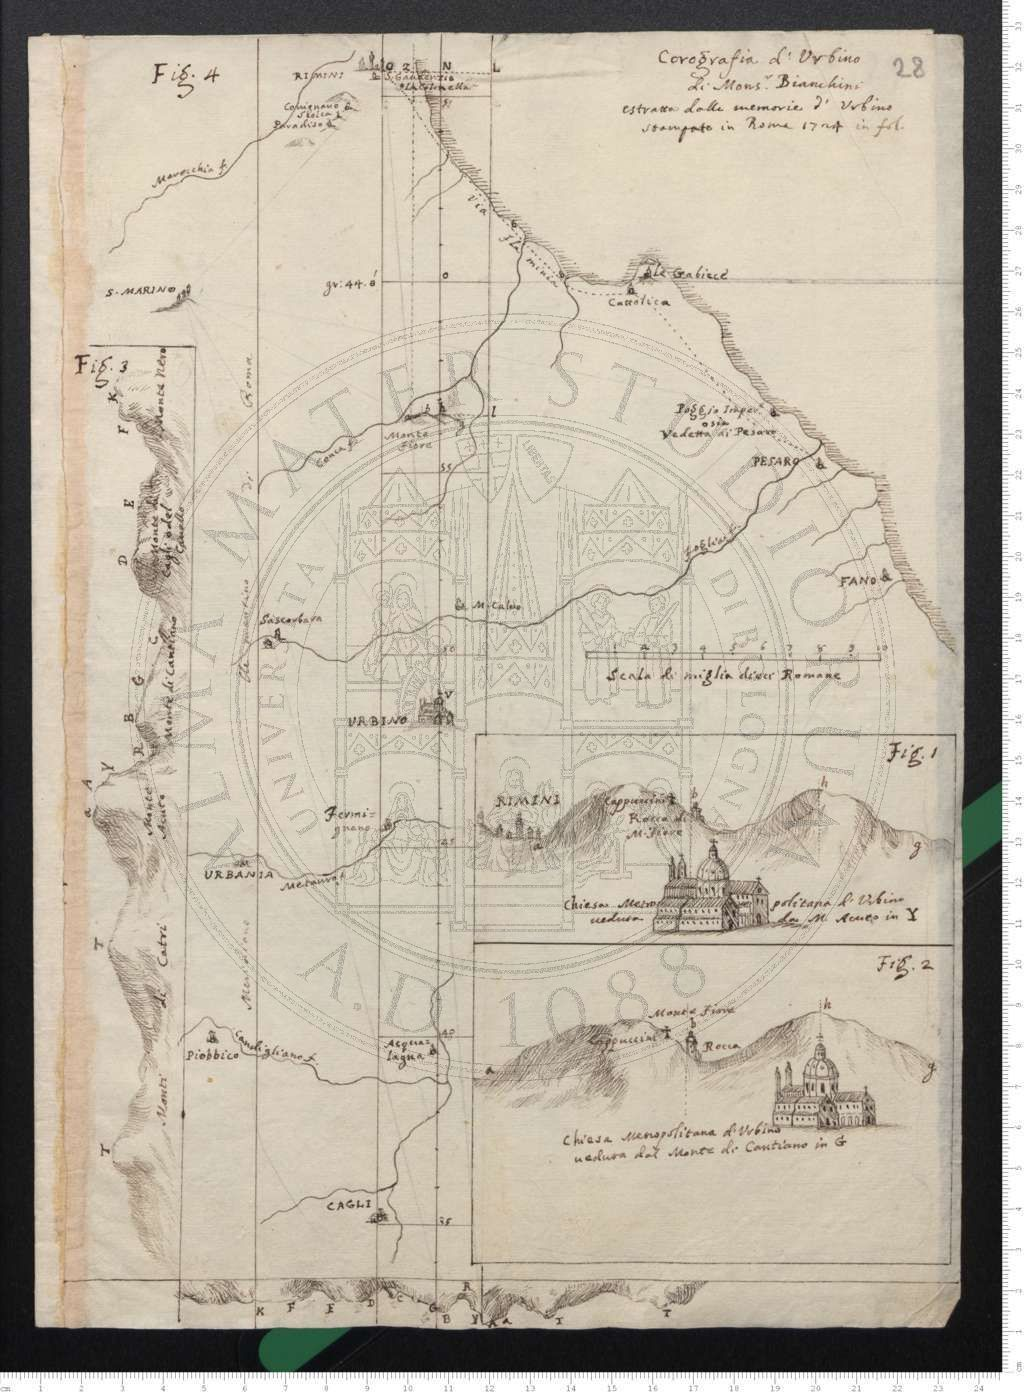 """Copia della """"Corografia d'Urbino di Mons. Bianchini"""" per la determinazione delle coordinate delle città situate nella regione attraversata dal meridiano di Roma (1735)"""